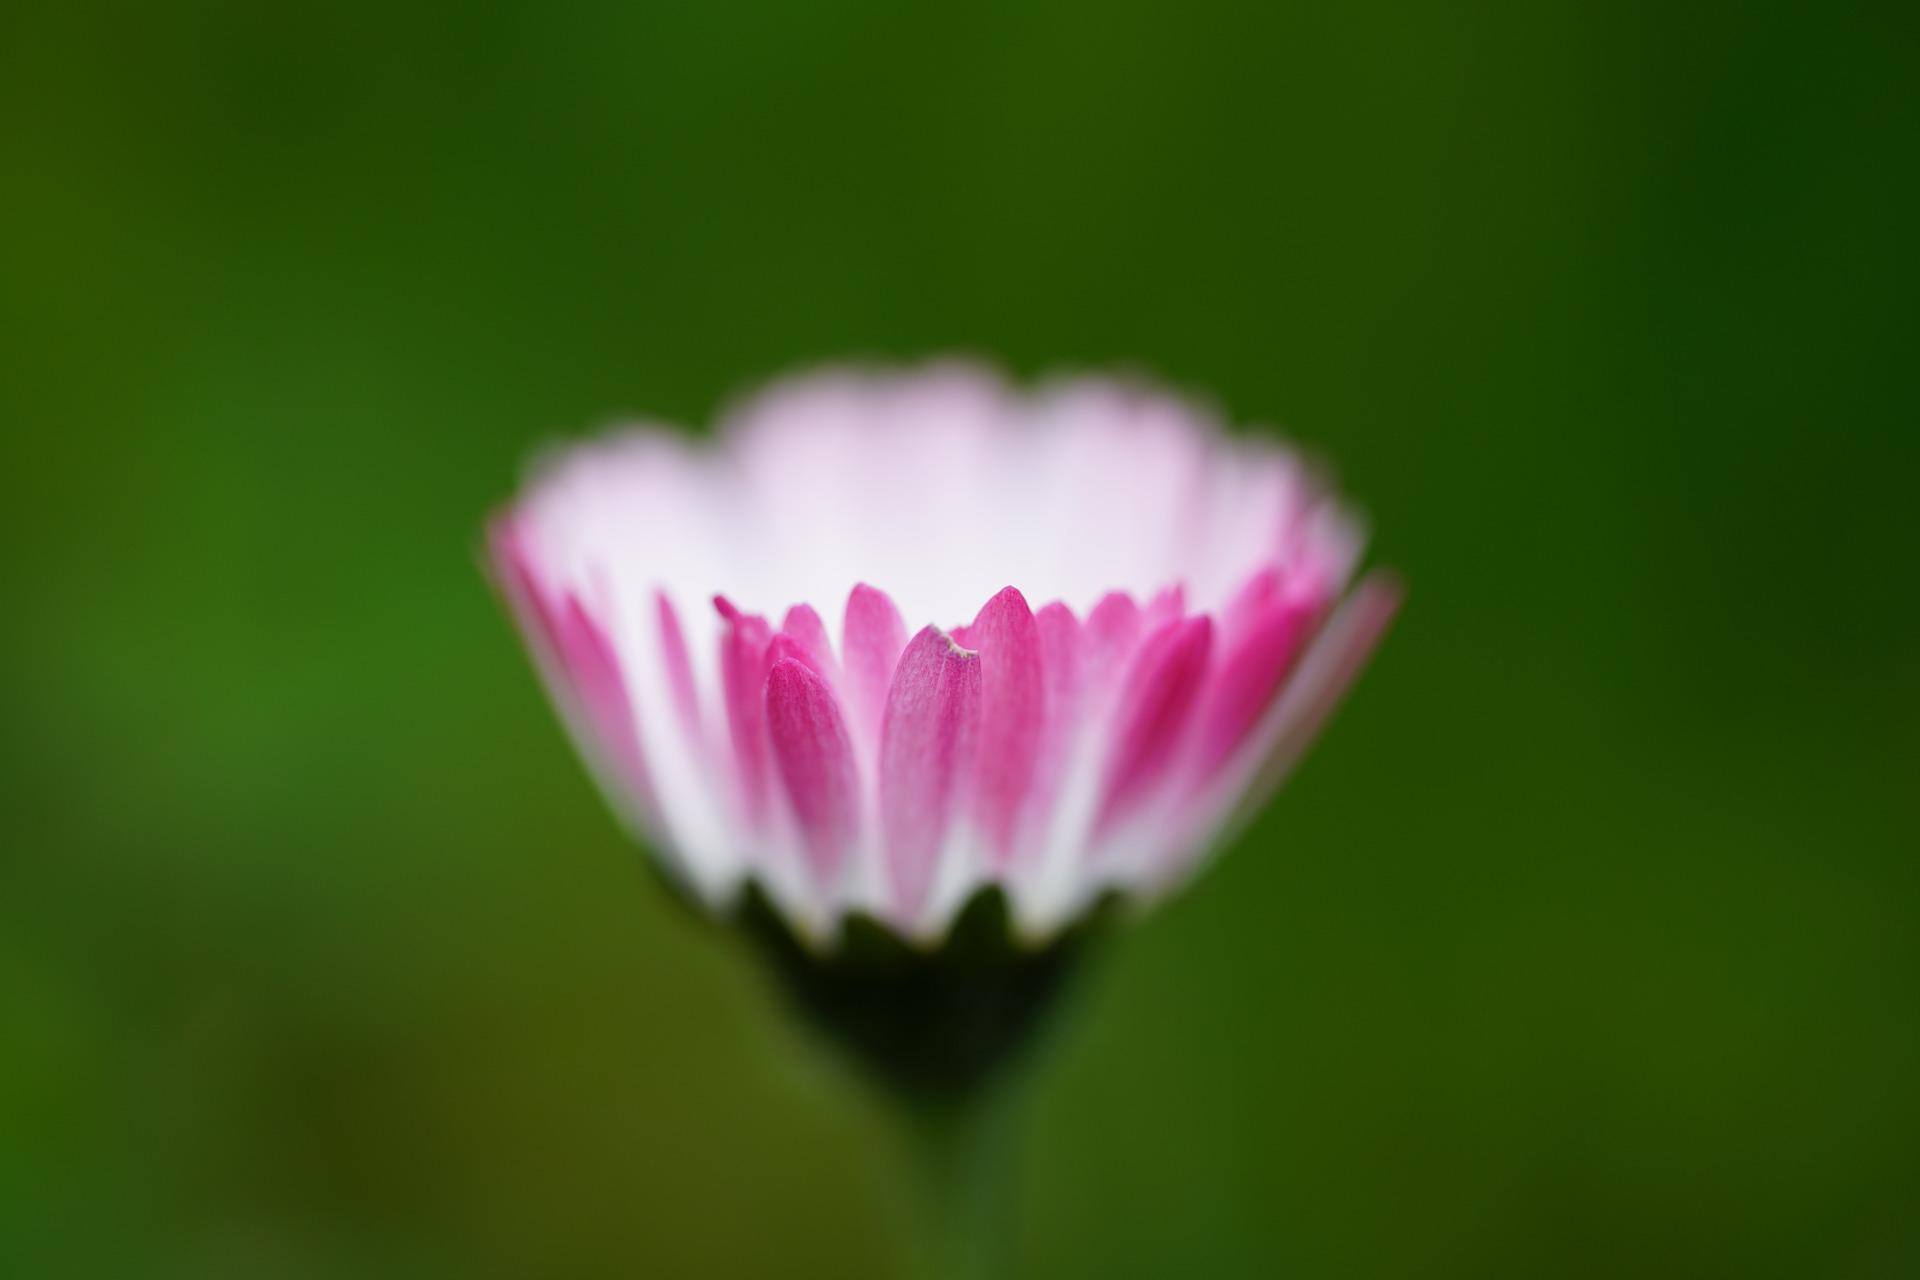 daisy-1316645_1920